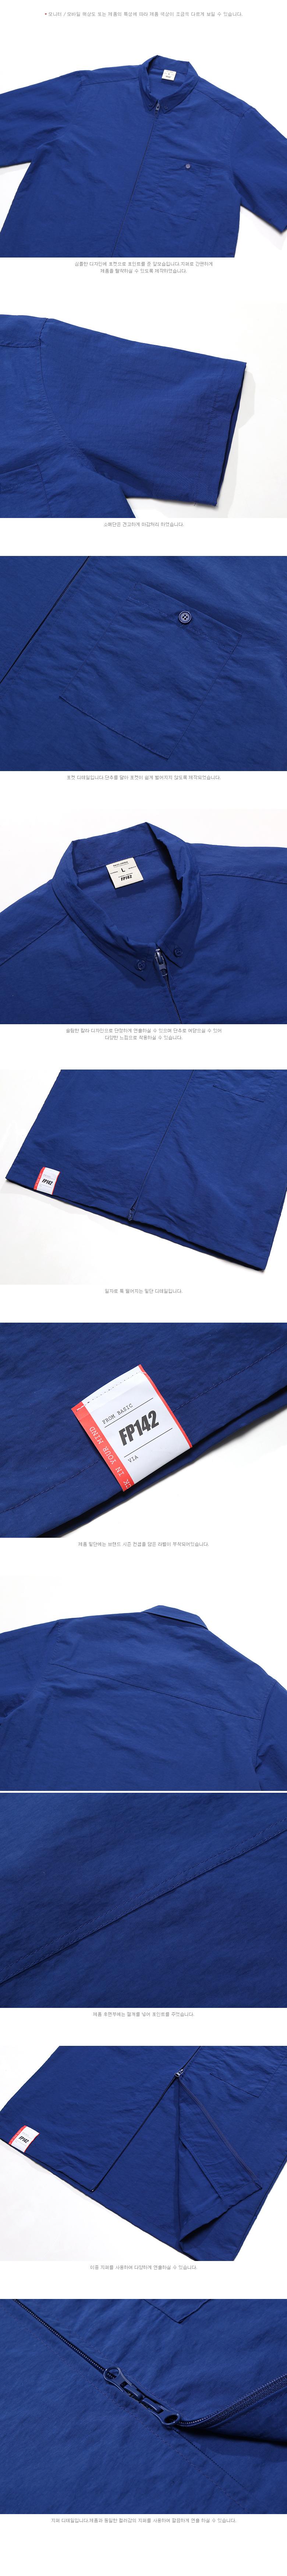 JHSS1175_detail_blue_02.jpg